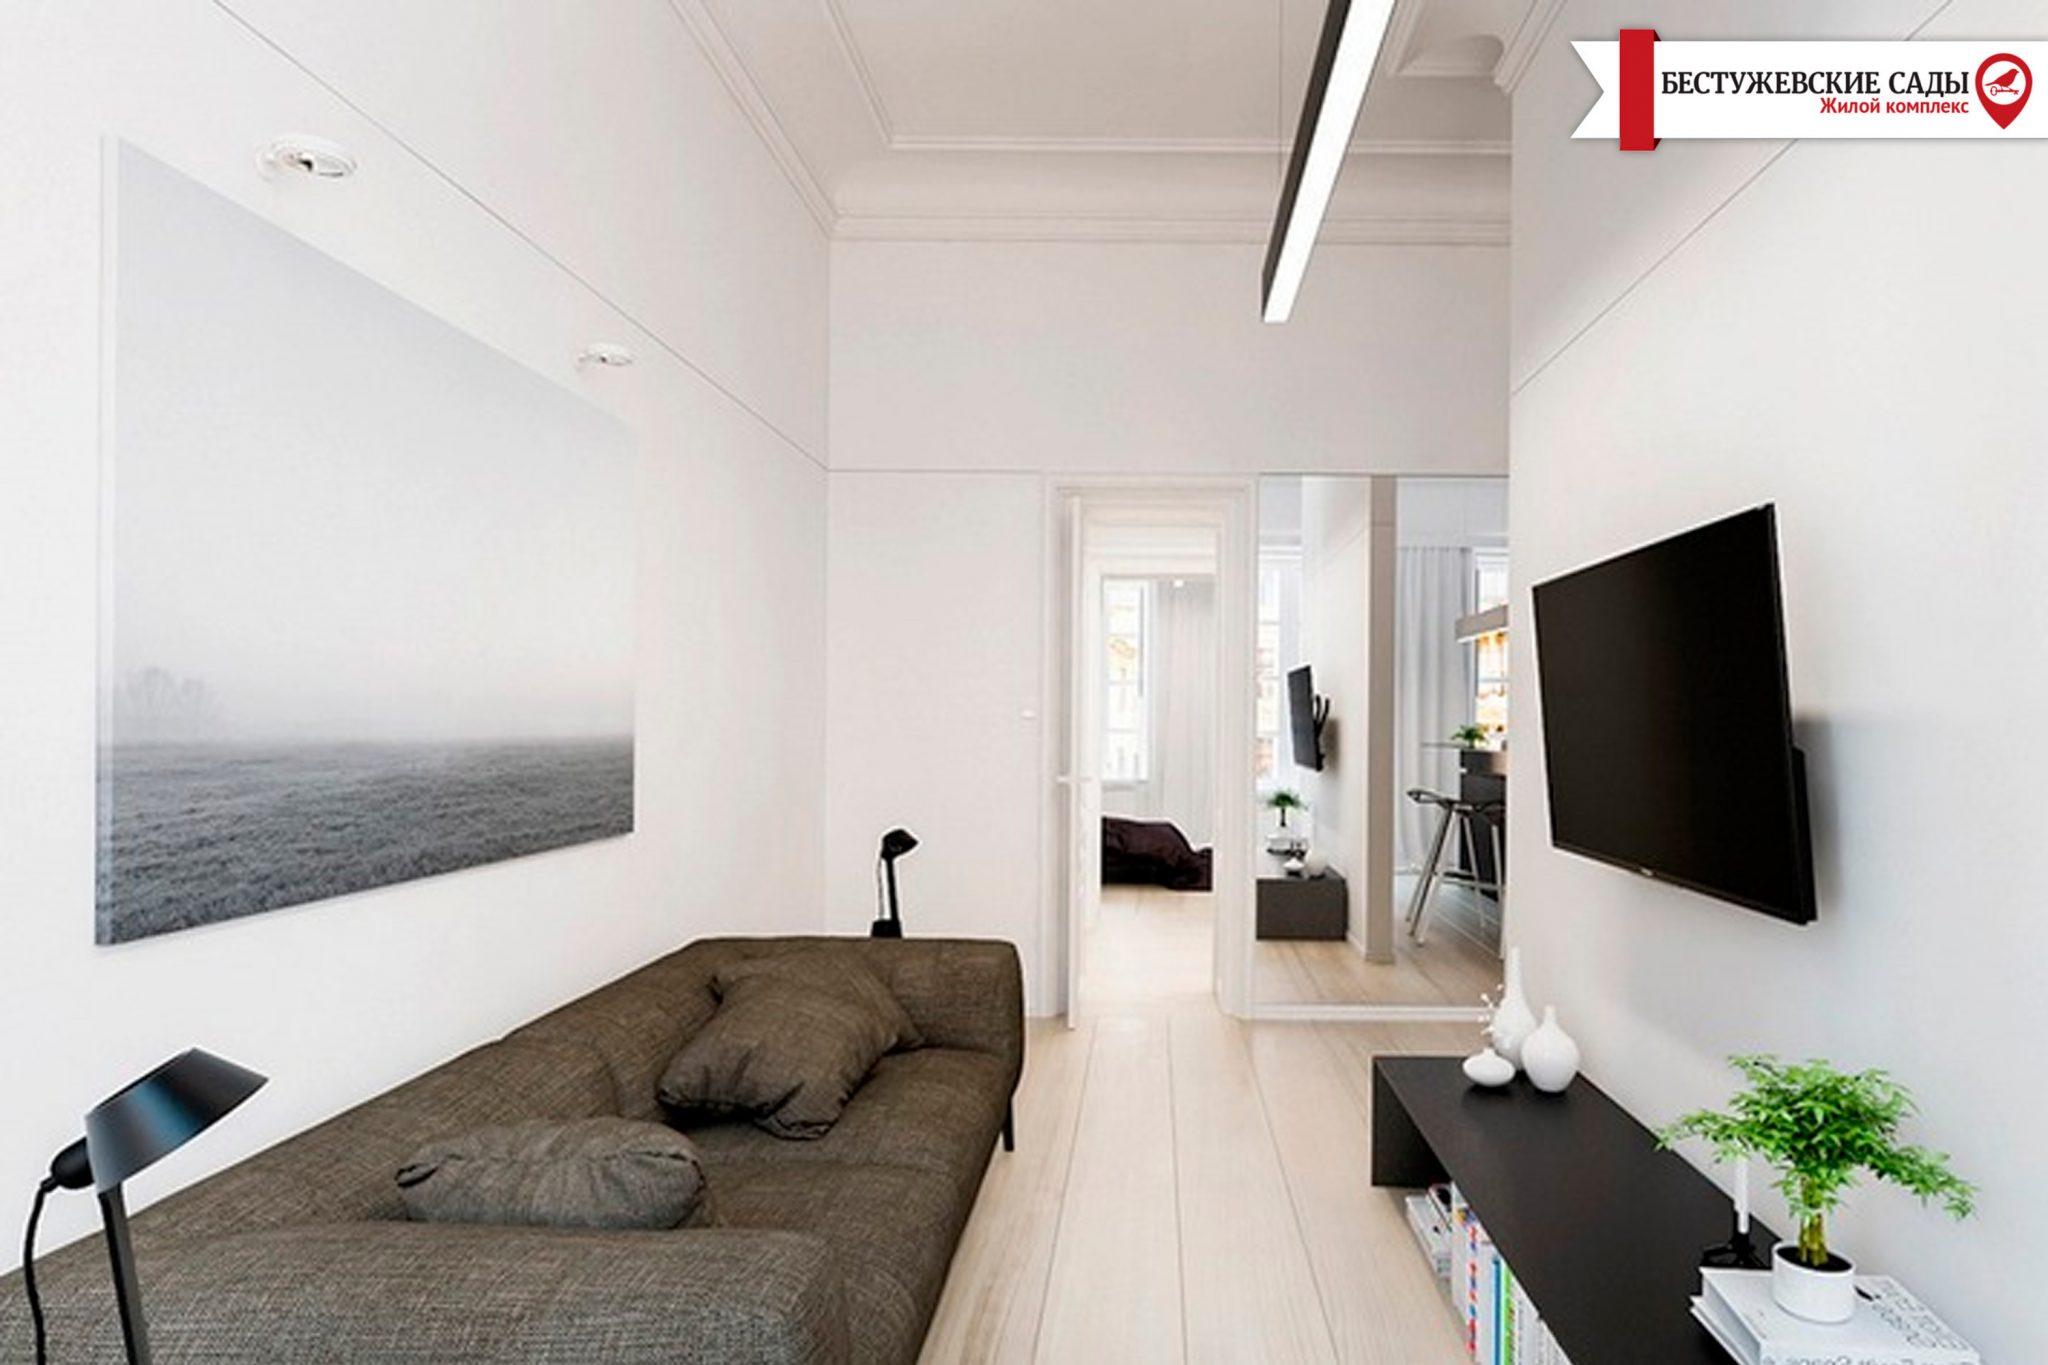 Минимализм – лучшее решение для маленькой квартиры